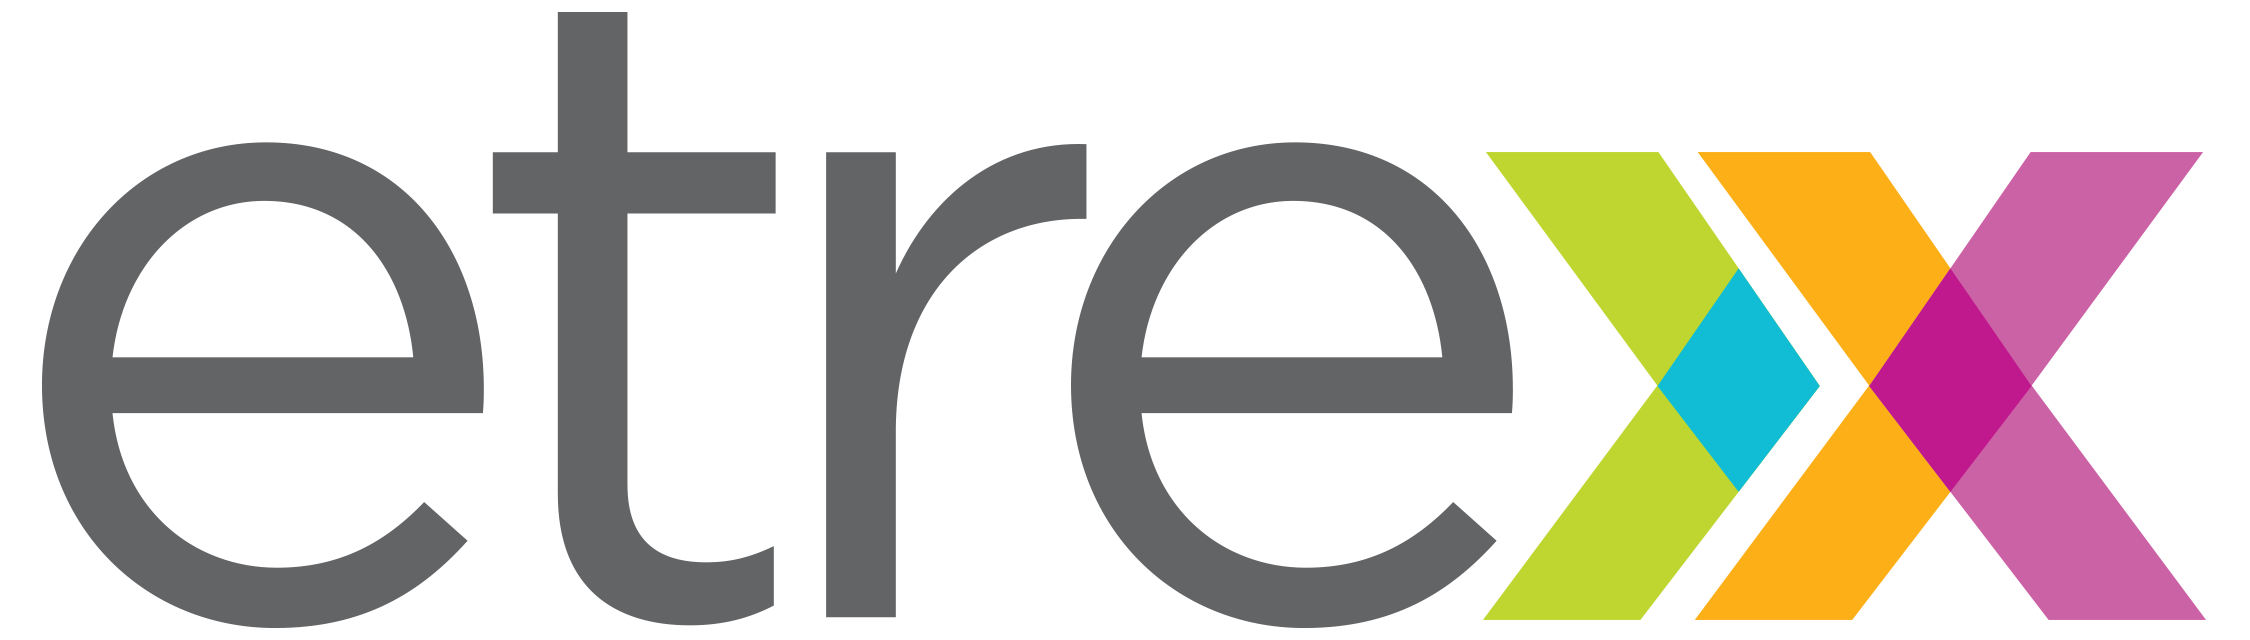 etrexx logo